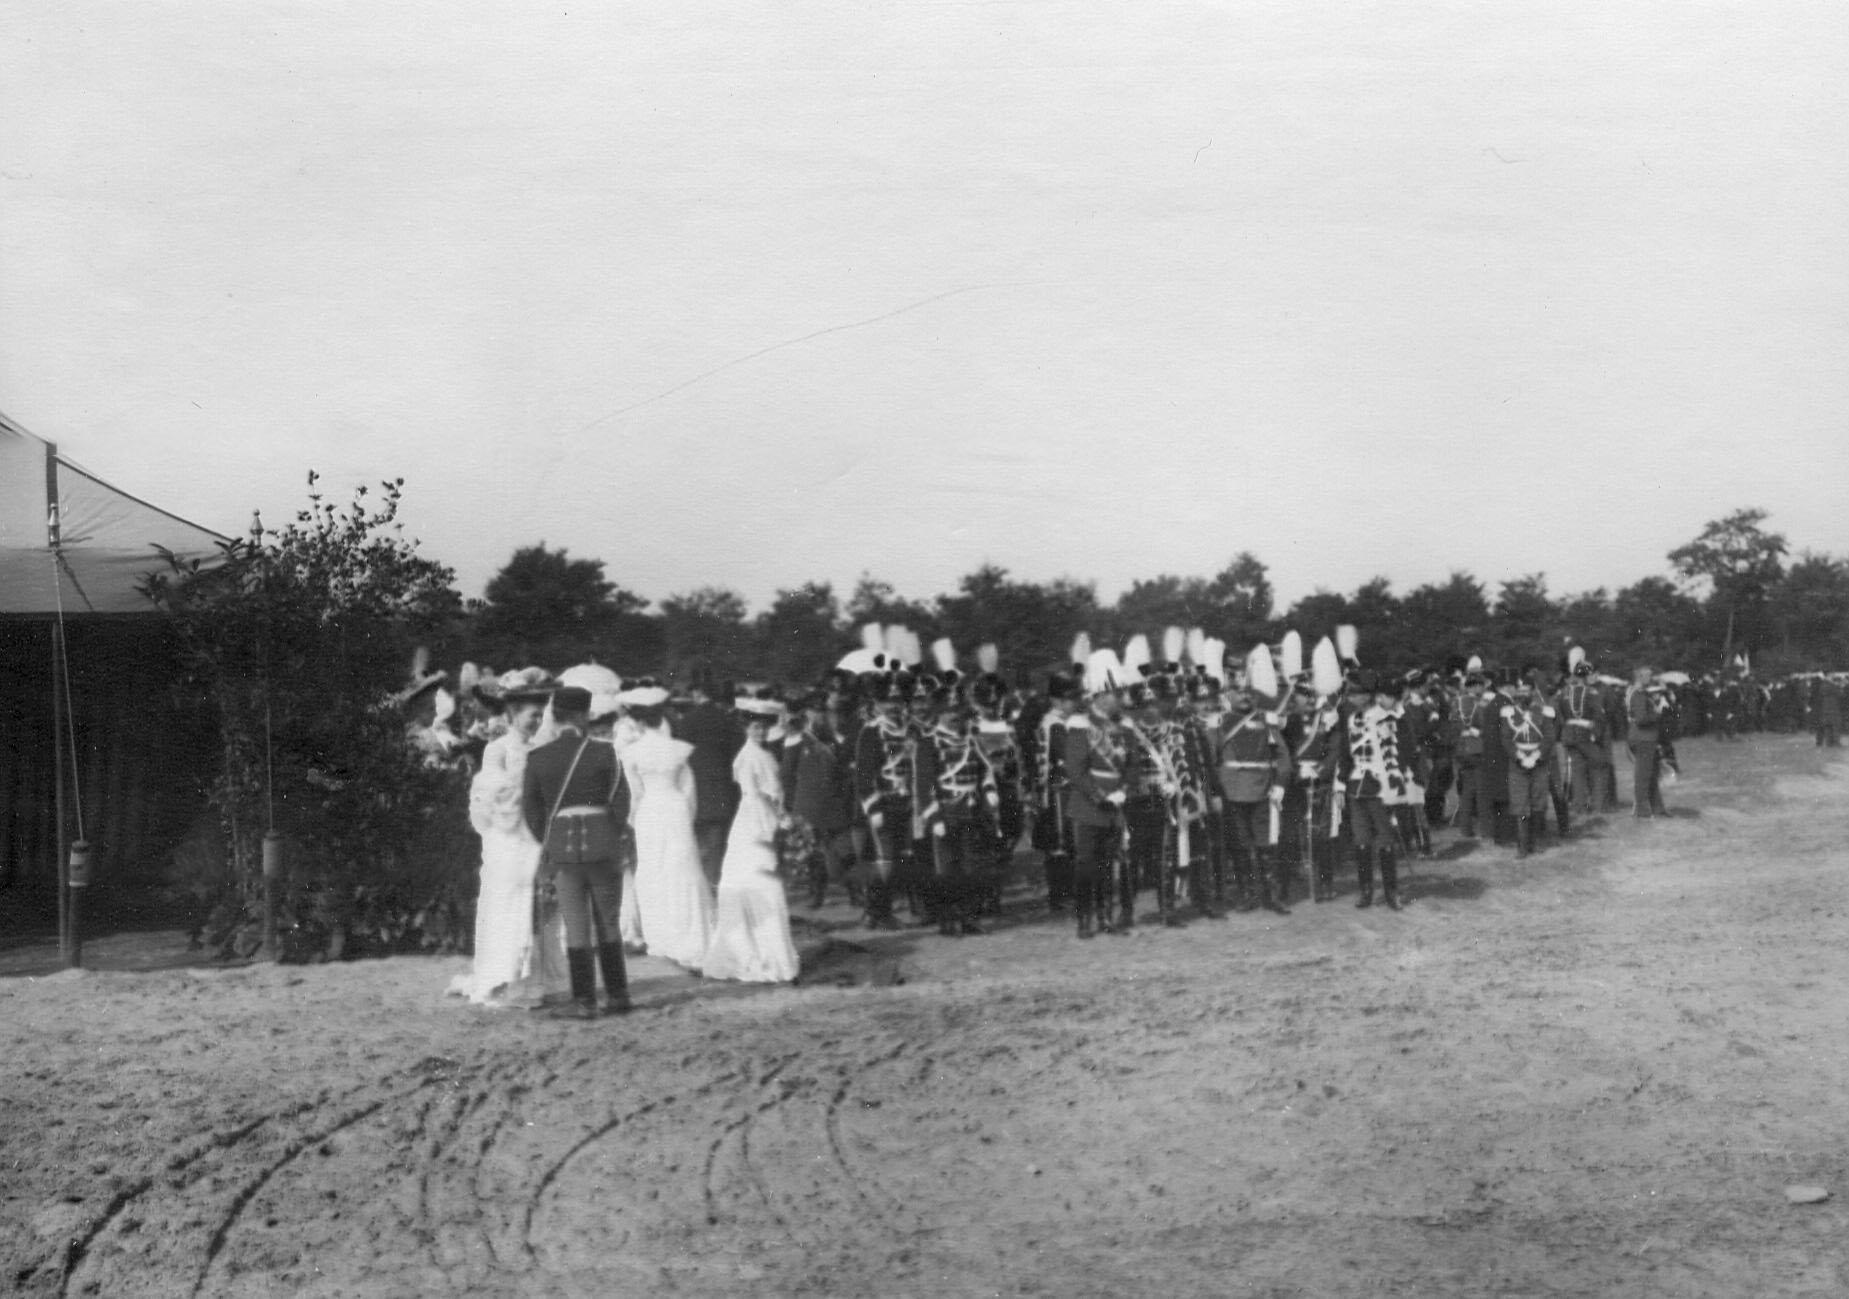 Группа германских гостей - офицеров полка гусар-смерти  на праздновании 250-летнего юбилея полка